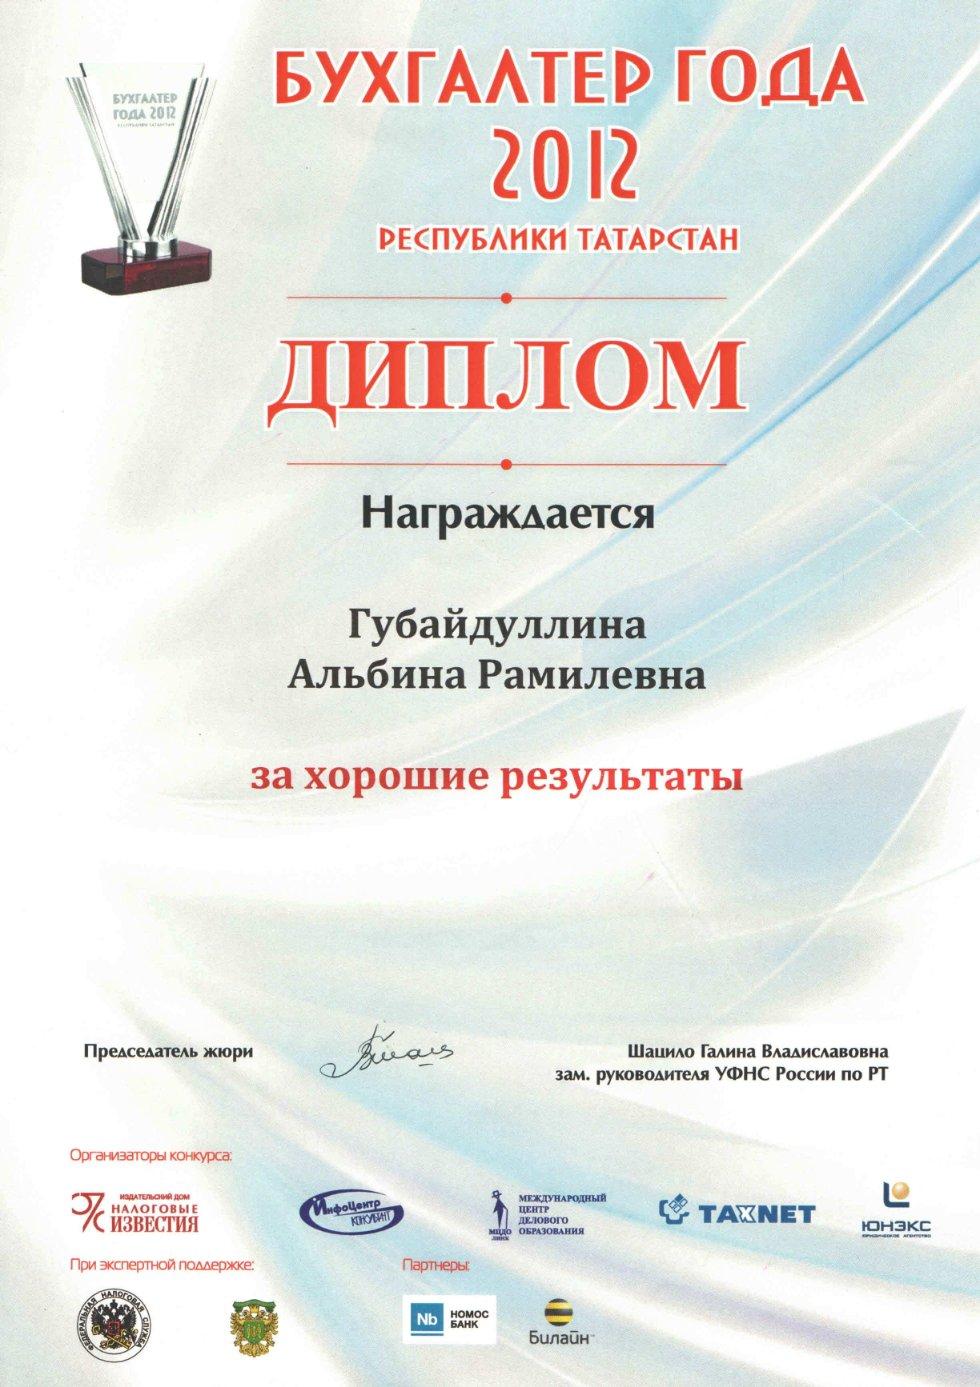 Иэиф институт экономики и финансов